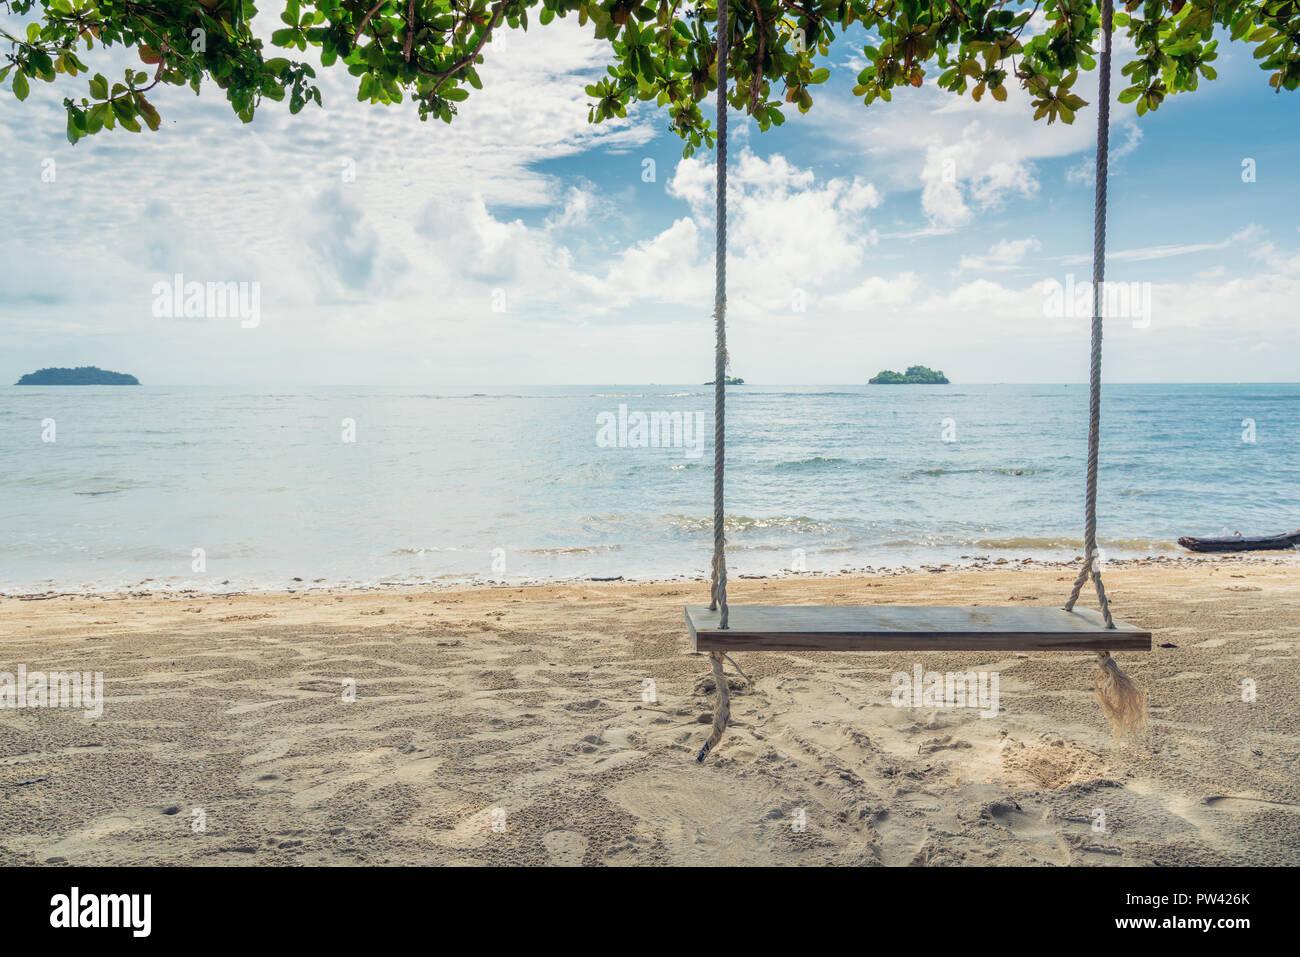 Holzschaukel Stuhl hängen am Baum in der Nähe von Strand von Island in Phuket, Thailand. Sommer Urlaubsreisen und Urlaub-Konzept. Stockbild